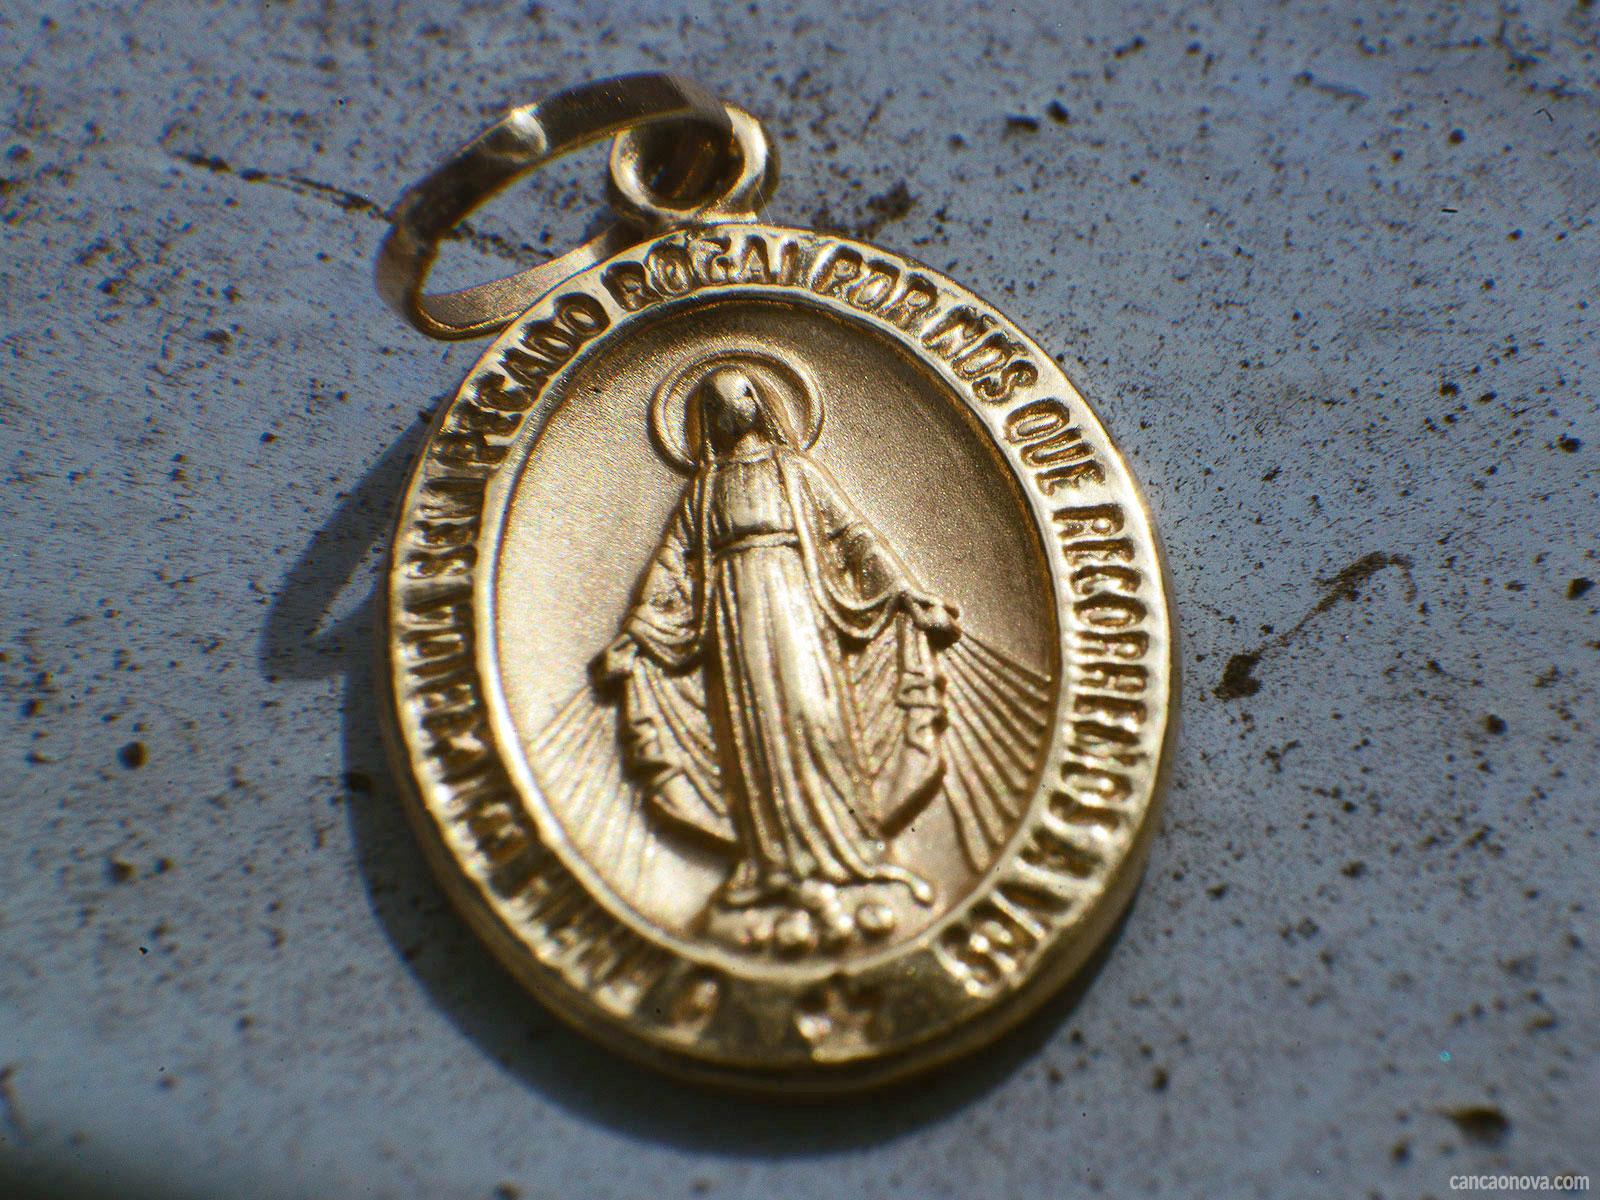 Jesus cuidou dos meus filhos através da medalha milagrosa